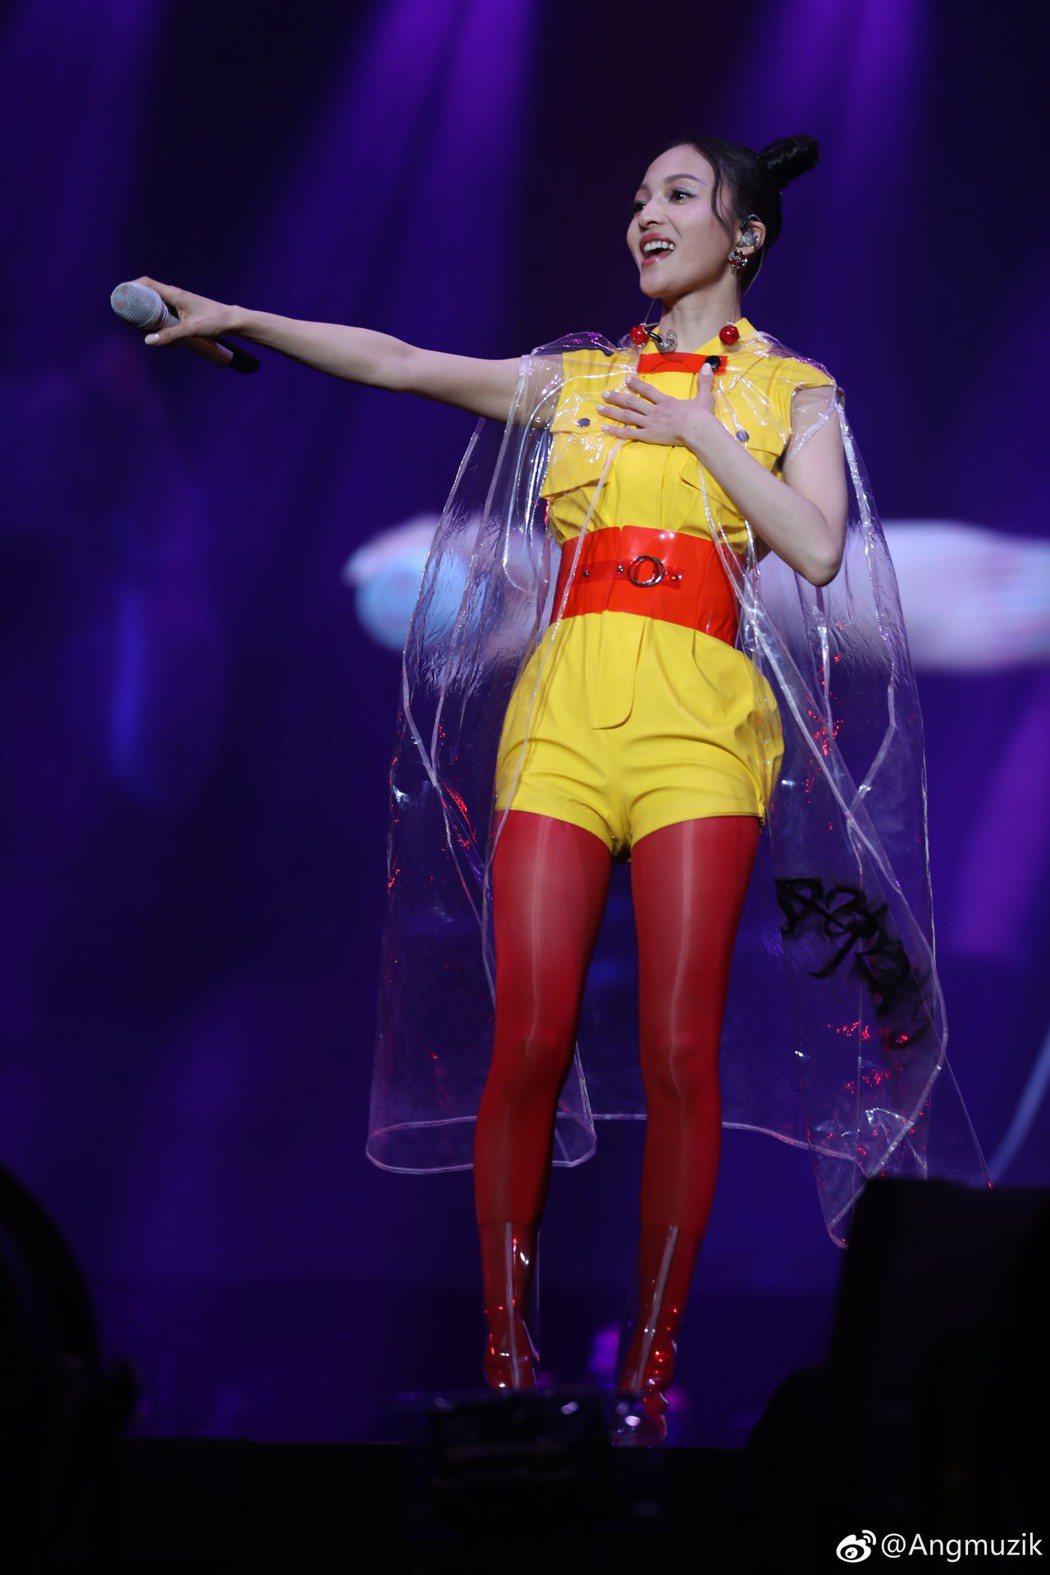 張韶涵「旅程」巡演於12月在台北小巨蛋登場。圖/摘自微博